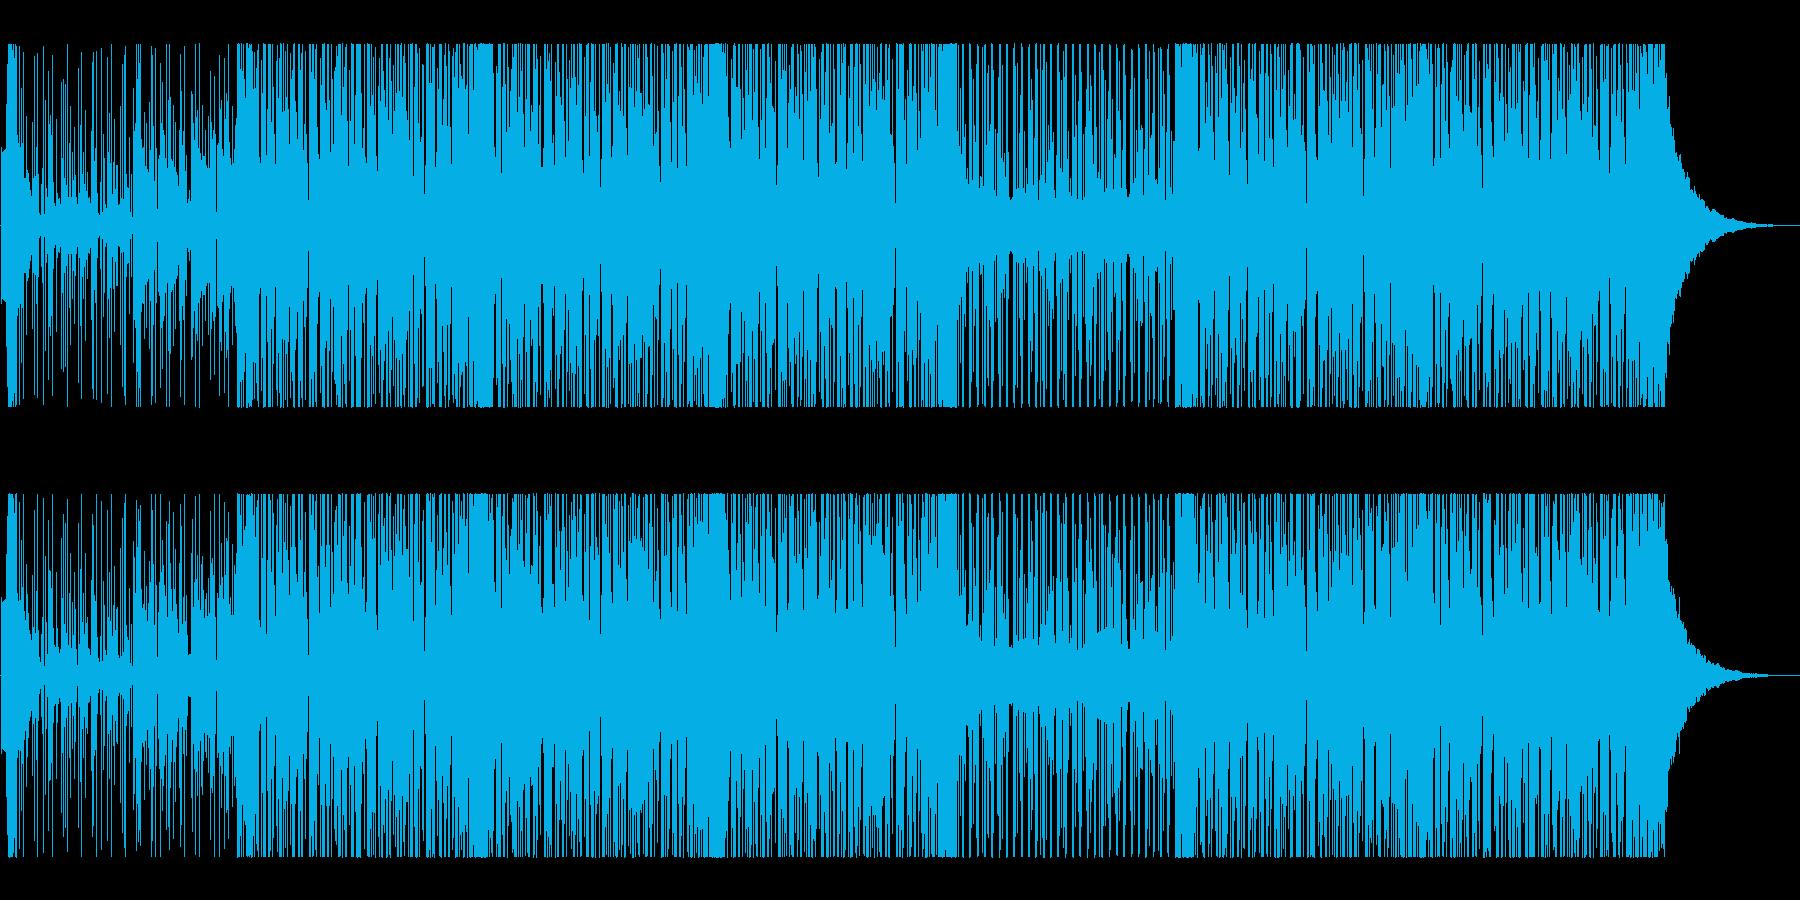 マリンバ・アンビエント・エレクトロの再生済みの波形